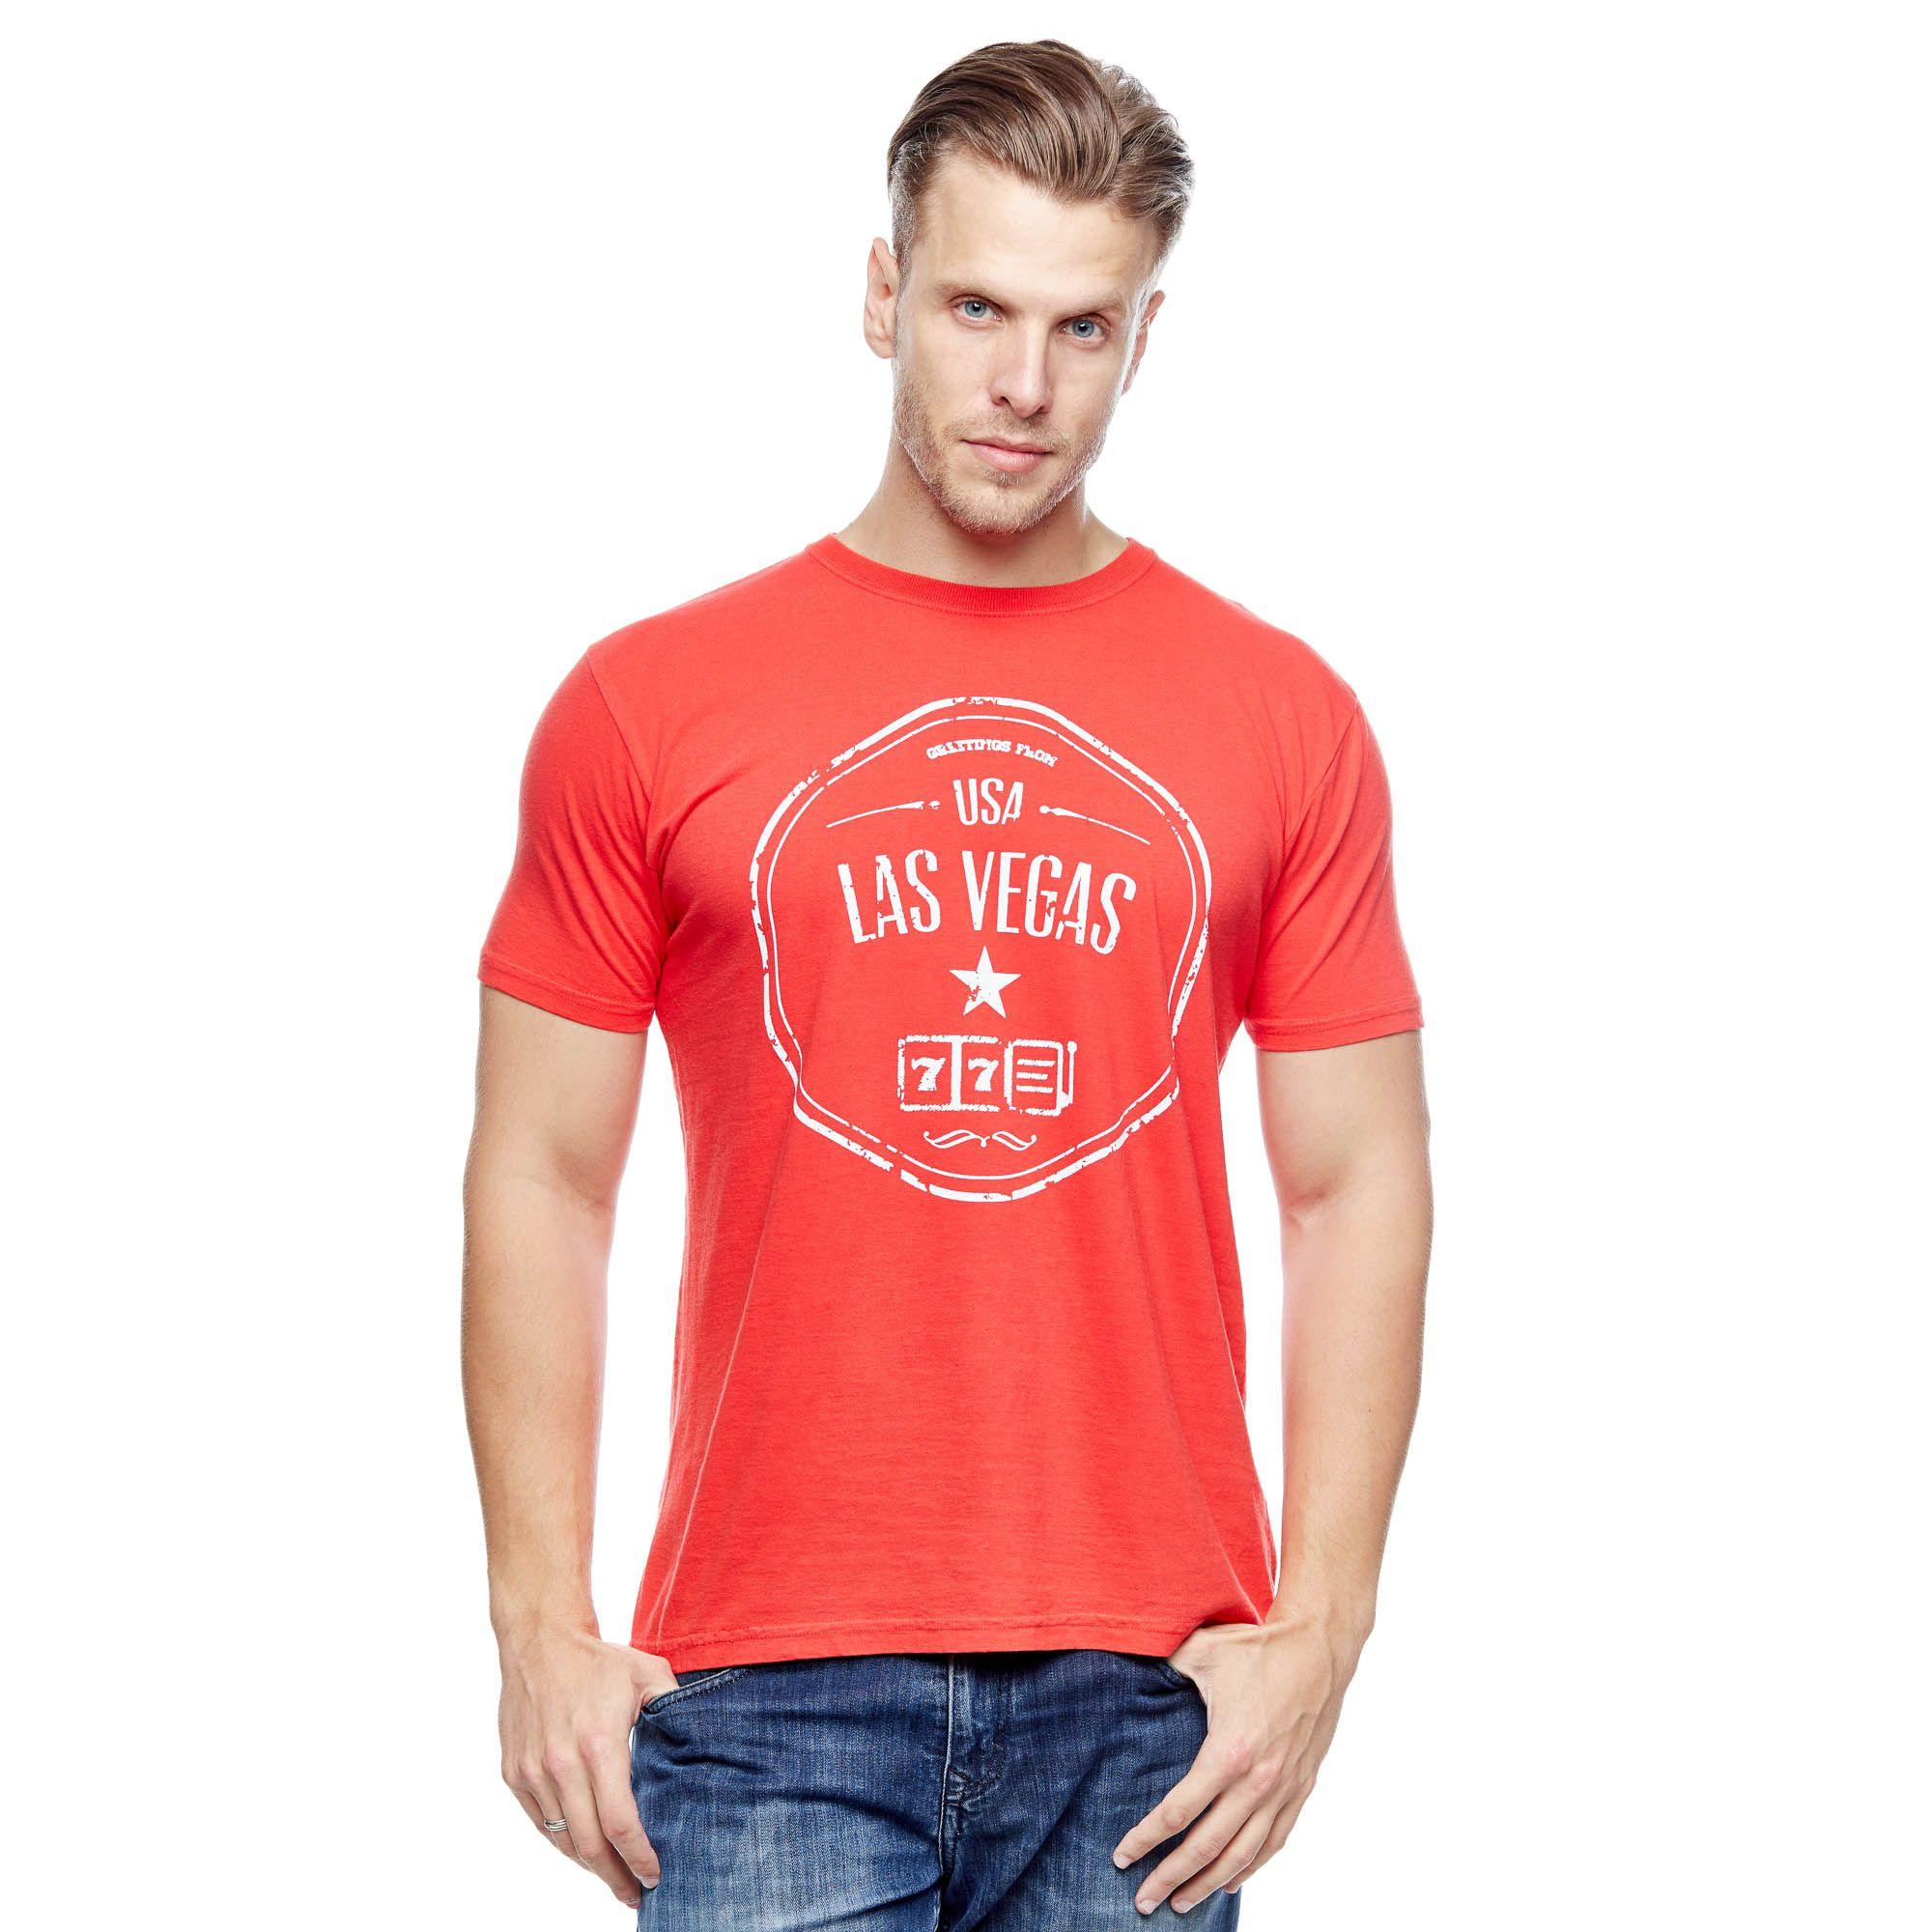 Camiseta Evolvee Las Vegas Masculina